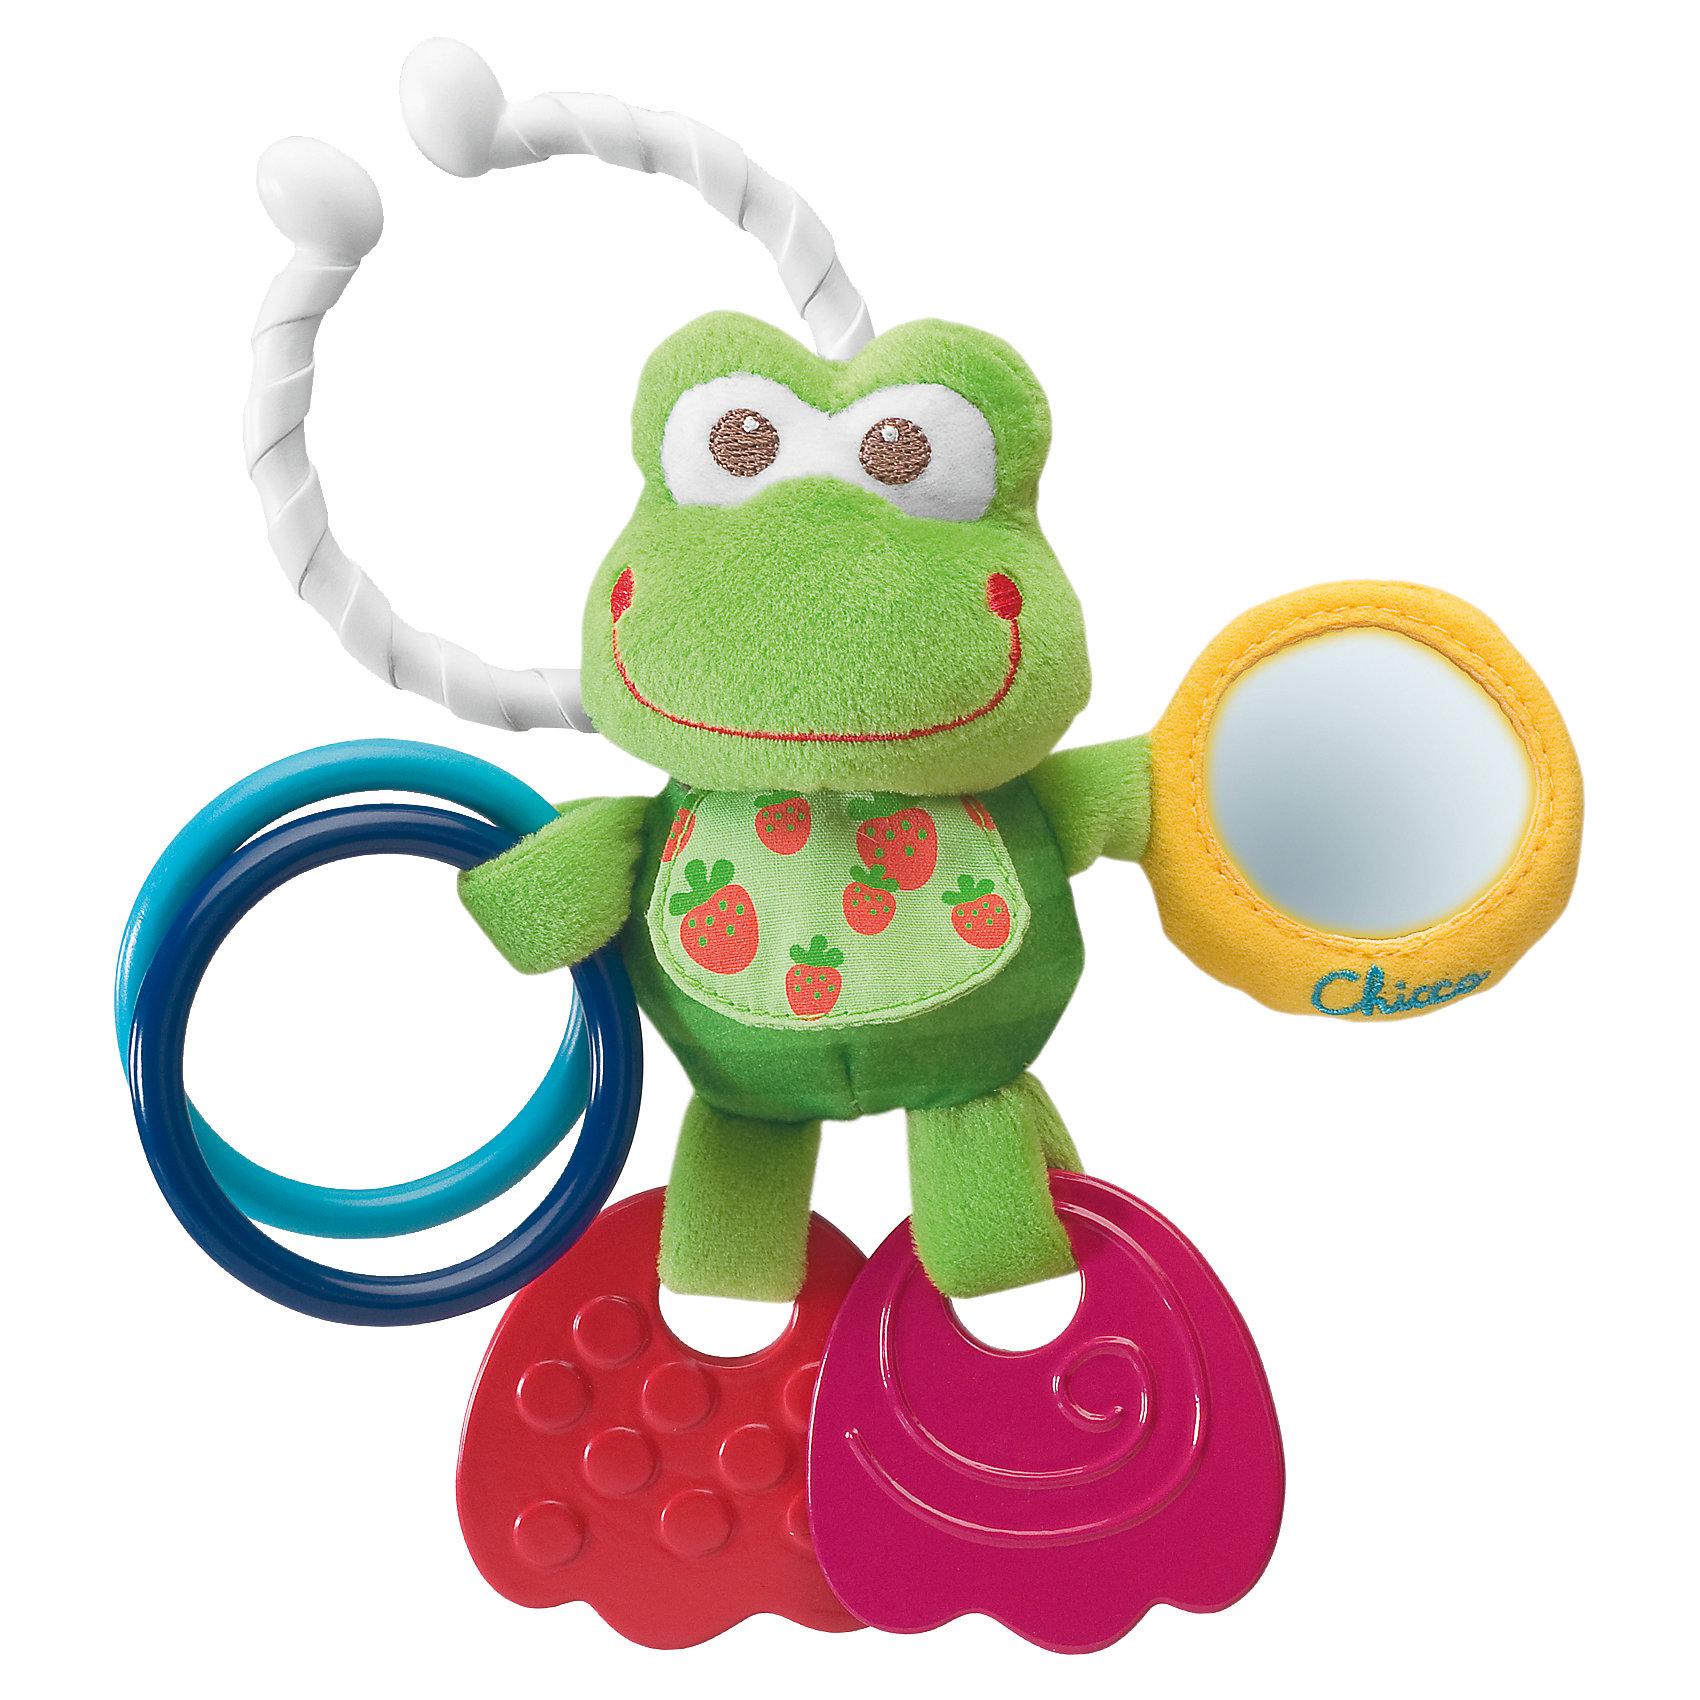 Развивающая игрушка Подвижный лягушонок, ChiccoПодвески<br>Развивающая игрушка Подвижный лягушонок Chicco (Чикко) -  это симпатичный новый друг, которого Ваш малыш сможет взять с собой благодаря удобному держателю!<br><br>Очаровательный лягушонок побуждает ребенка играть в различные игры: лапки лягушонка сделаны из мягкого пластика и служат прорезывателями для зубов, в зеркальце малыш будет видеть свое отражение, а два колечка, ударяясь друг о друга, весело звенят. <br><br>Этот милый лягушонок поможет крохе развивать мелкую моторику рук, хватательный рефлекс, сенсорику, логическое мышление.<br><br>Игрушка оснащена удобной системой крепления - ее можно подвесить к кроватке, коляске или автокреслу с помощью специального кольца.<br><br>Товар изготовлен из качественной и очень мягкой ткани, которая совершенно безвредна для здоровья малыша.<br><br>Озорной лягушонок от Chicco подарит радость и хорошее настроение Вашему малышу!<br><br>Дополнительная информация:<br><br>- Материал: текстиль, пластмасса<br>- Размер упаковки: 16,5 х 20 х 15,5 см<br>- Можно стирать в стиральной машине<br><br>Развивающую игрушку «Подвижный лягушонок» Chicco можно купить в нашем интернет-магазине.<br><br>Ширина мм: 220<br>Глубина мм: 169<br>Высота мм: 53<br>Вес г: 104<br>Возраст от месяцев: 3<br>Возраст до месяцев: 9<br>Пол: Унисекс<br>Возраст: Детский<br>SKU: 2395268